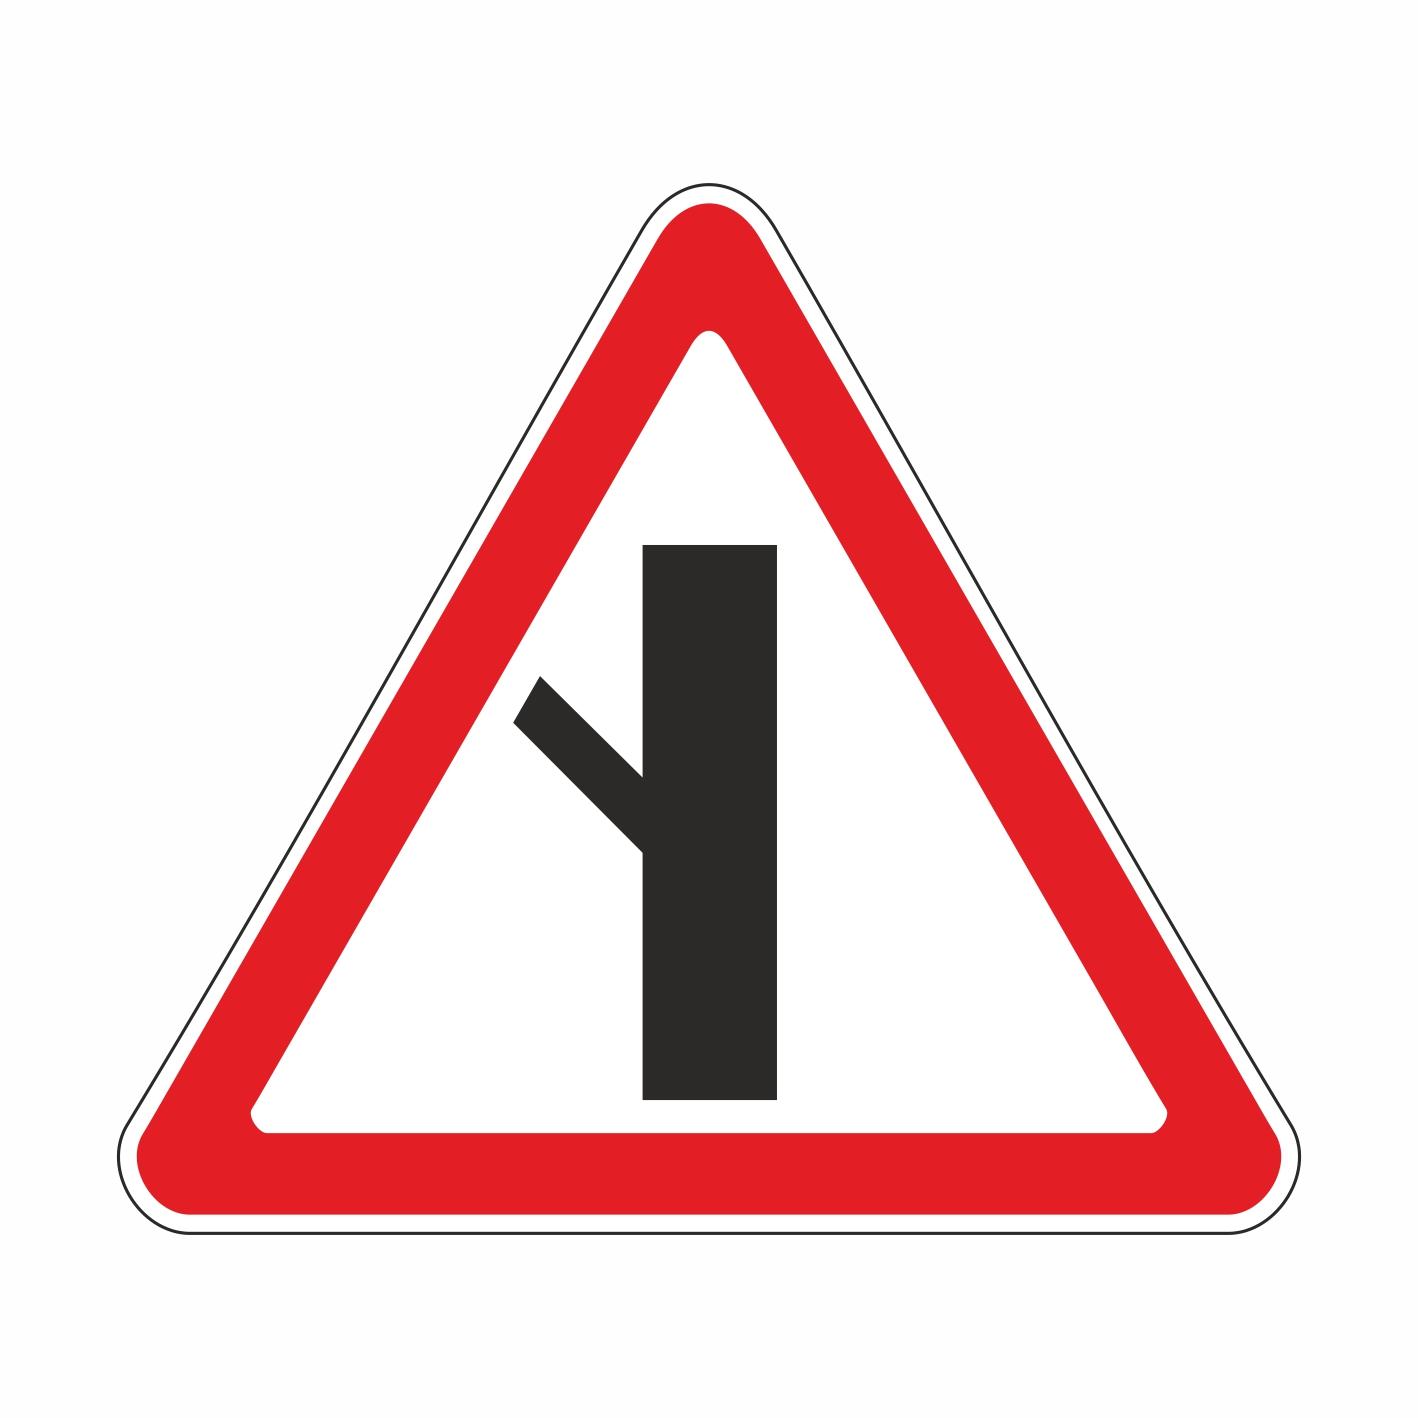 2.3.5 Примыкание второстепенной дороги